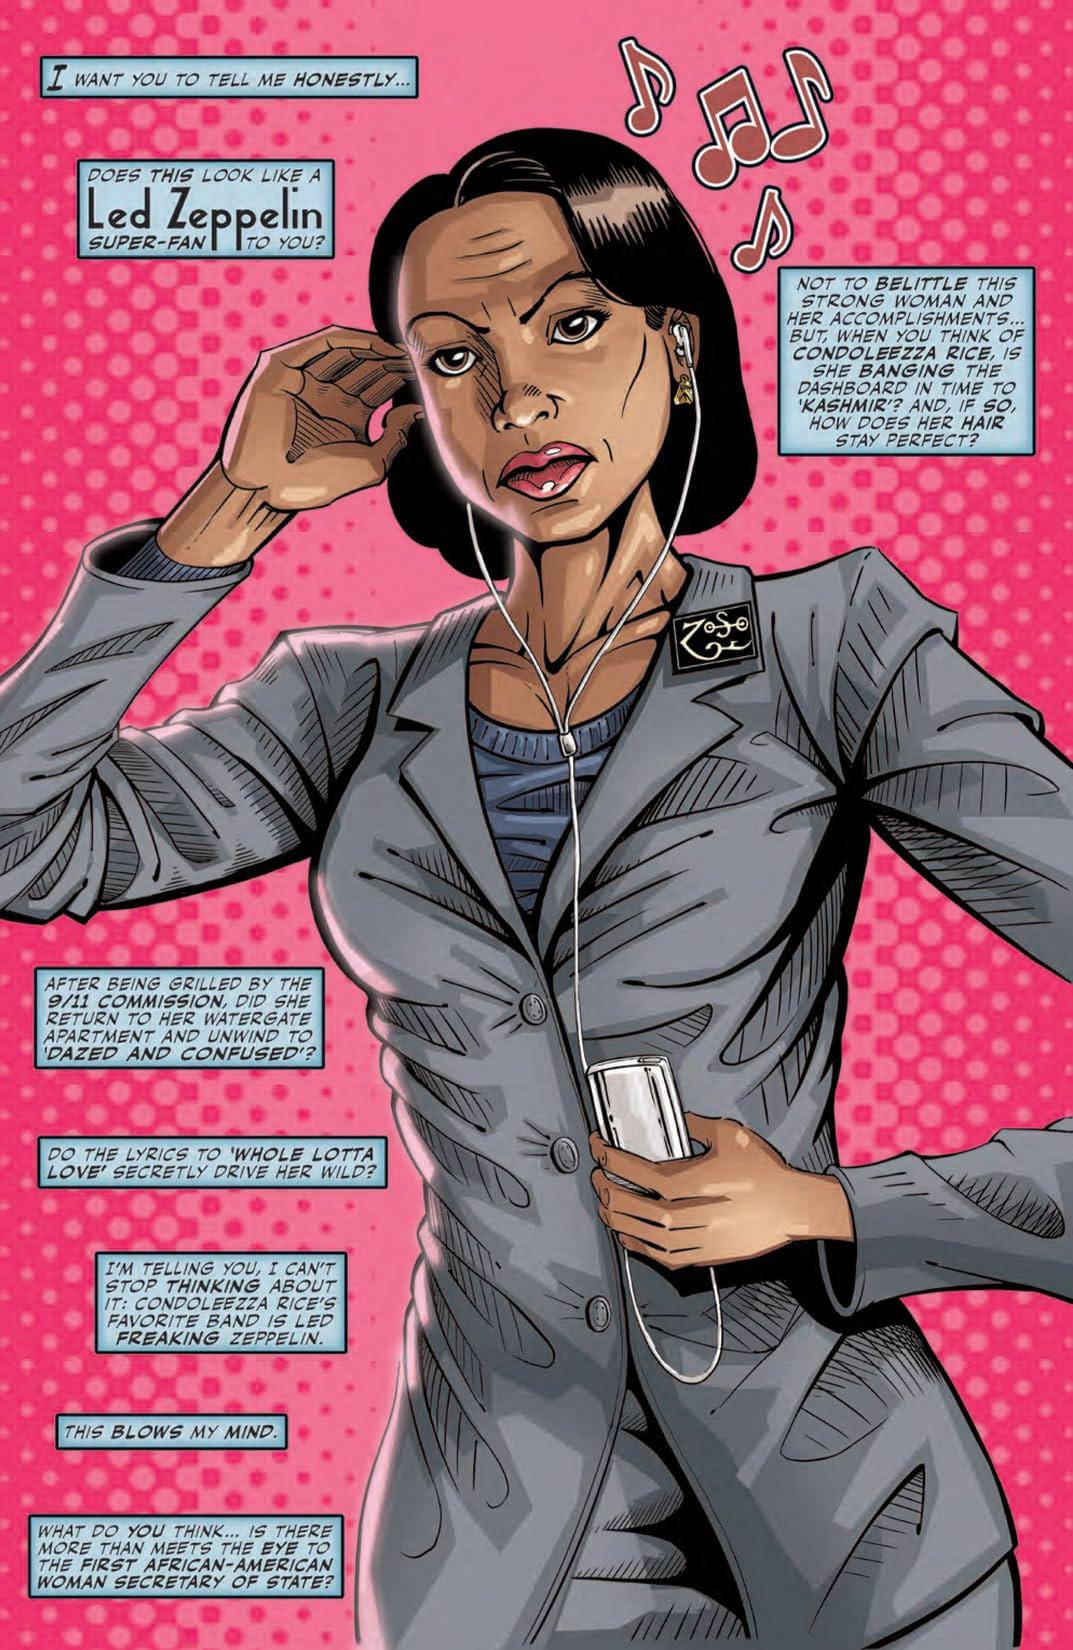 Female Force: Condoleezza Rice